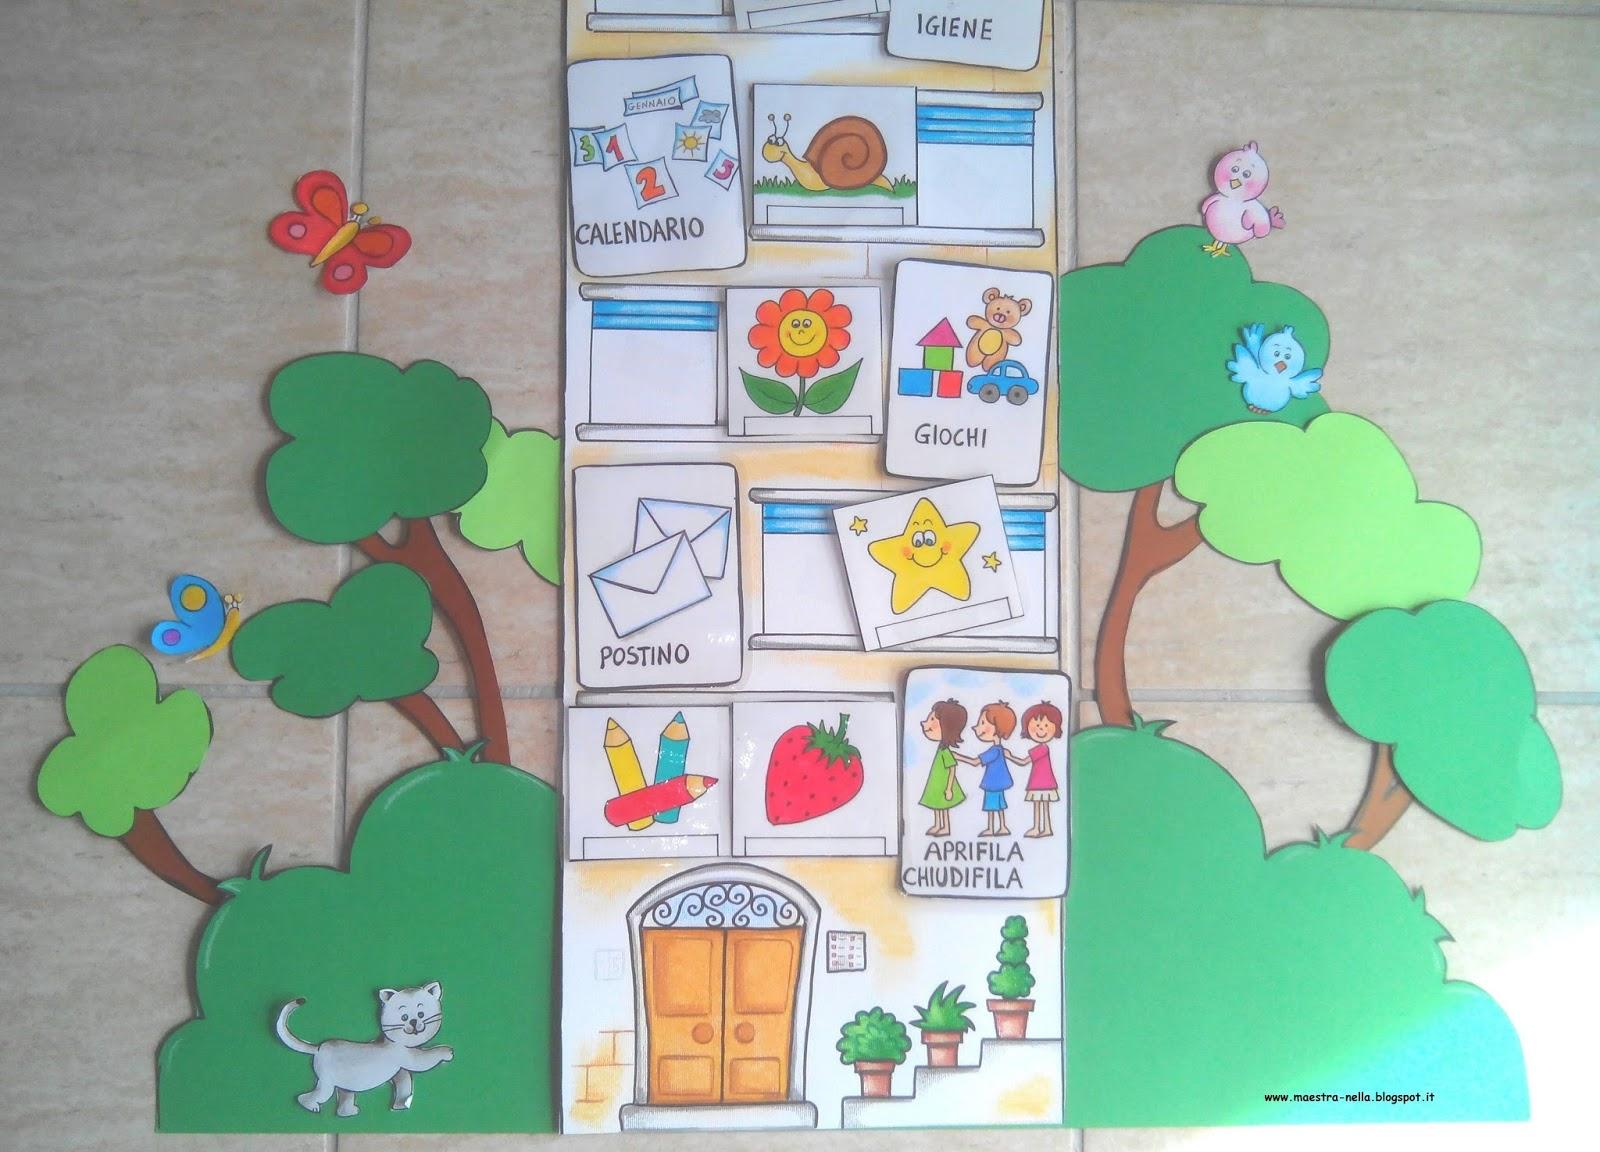 Maestra nella il palazzo degli incarichi for Maestra gemma accoglienza scuola infanzia